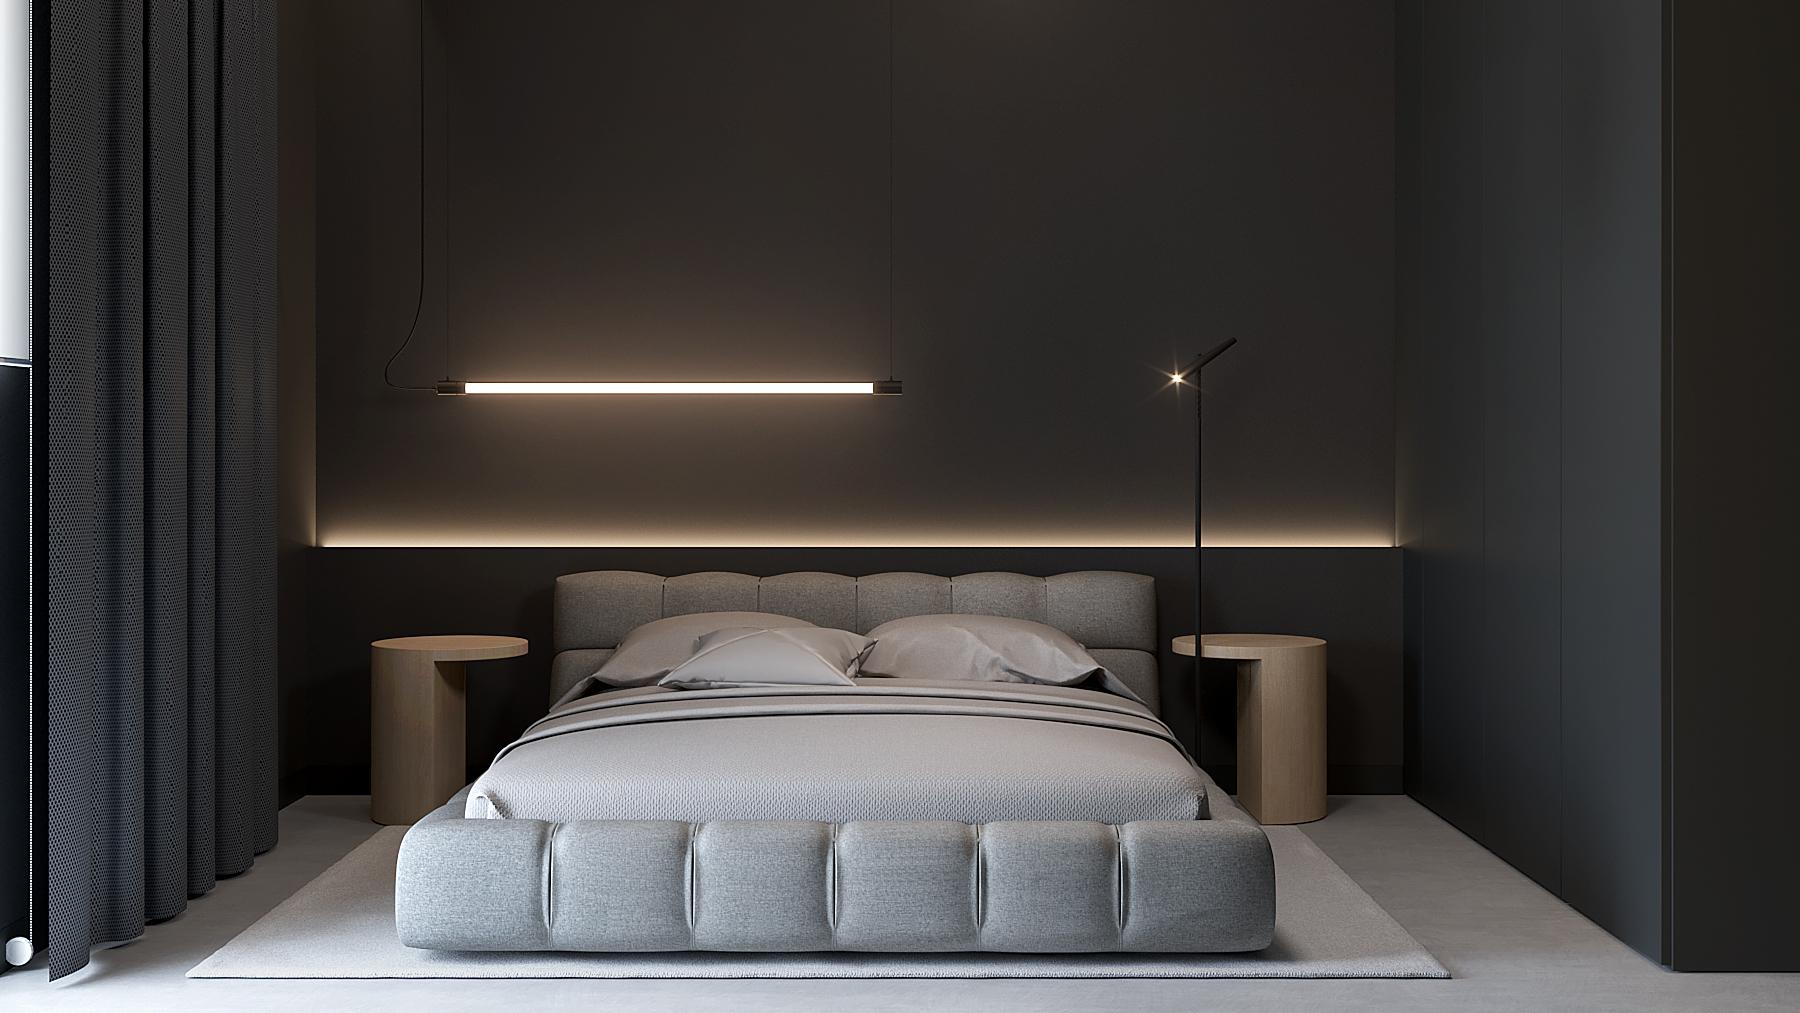 9 aranzacja wnetrz M598 mieszkanie Krakow sypialnia tapicerowane lozko podswietlany zaglowek czarna sciana lampa na lozkiem